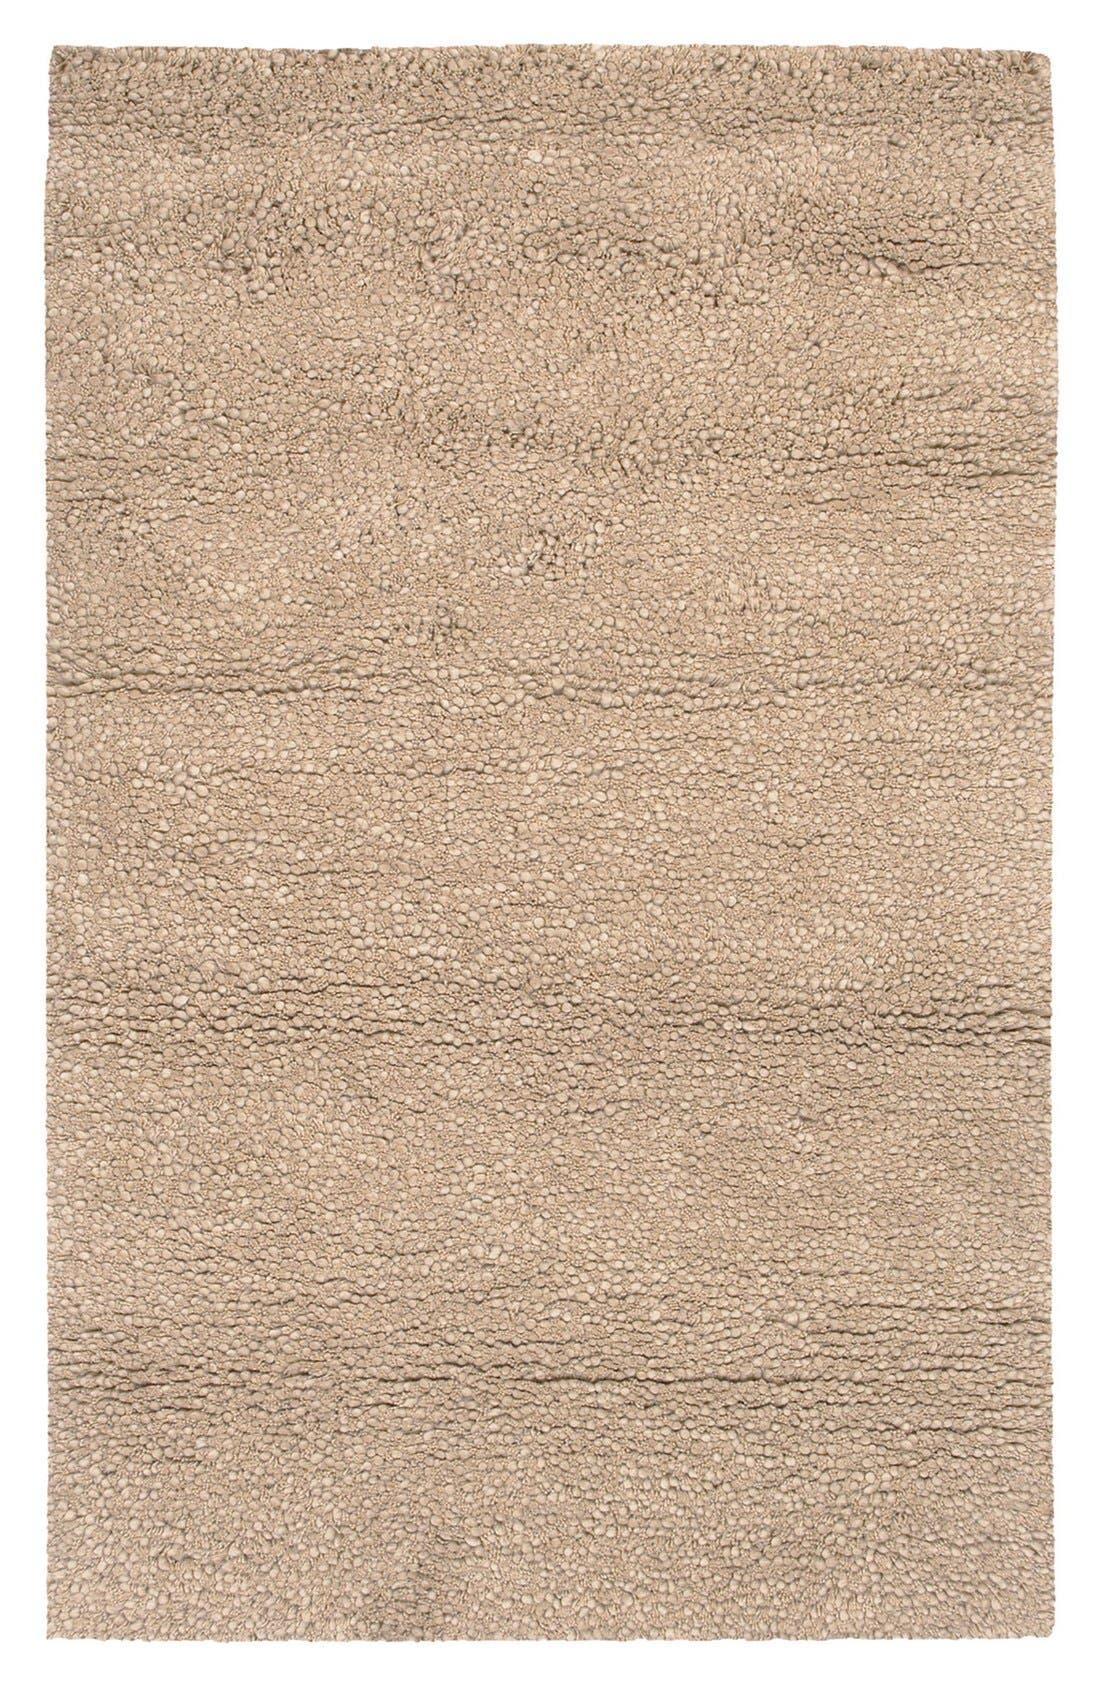 'Metropolitan' Wool Rug,                         Main,                         color, 250